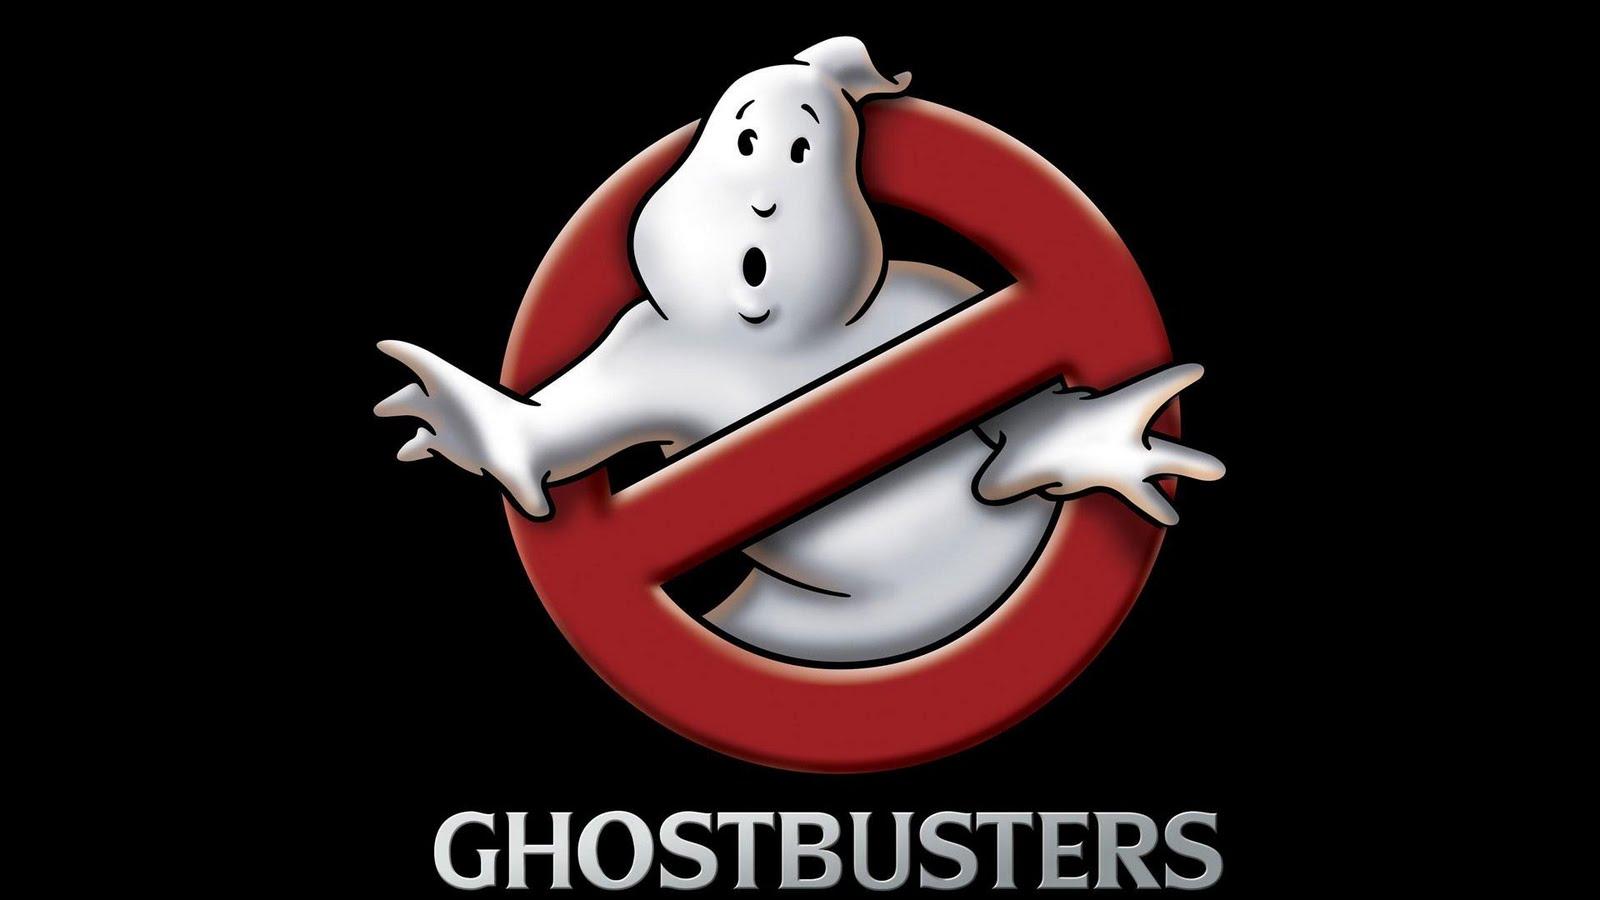 http://2.bp.blogspot.com/-iF6QqkFq_AU/TfohWj8zkHI/AAAAAAAAESw/fhzW5IFYDCs/s1600/Ghostbusters.jpg